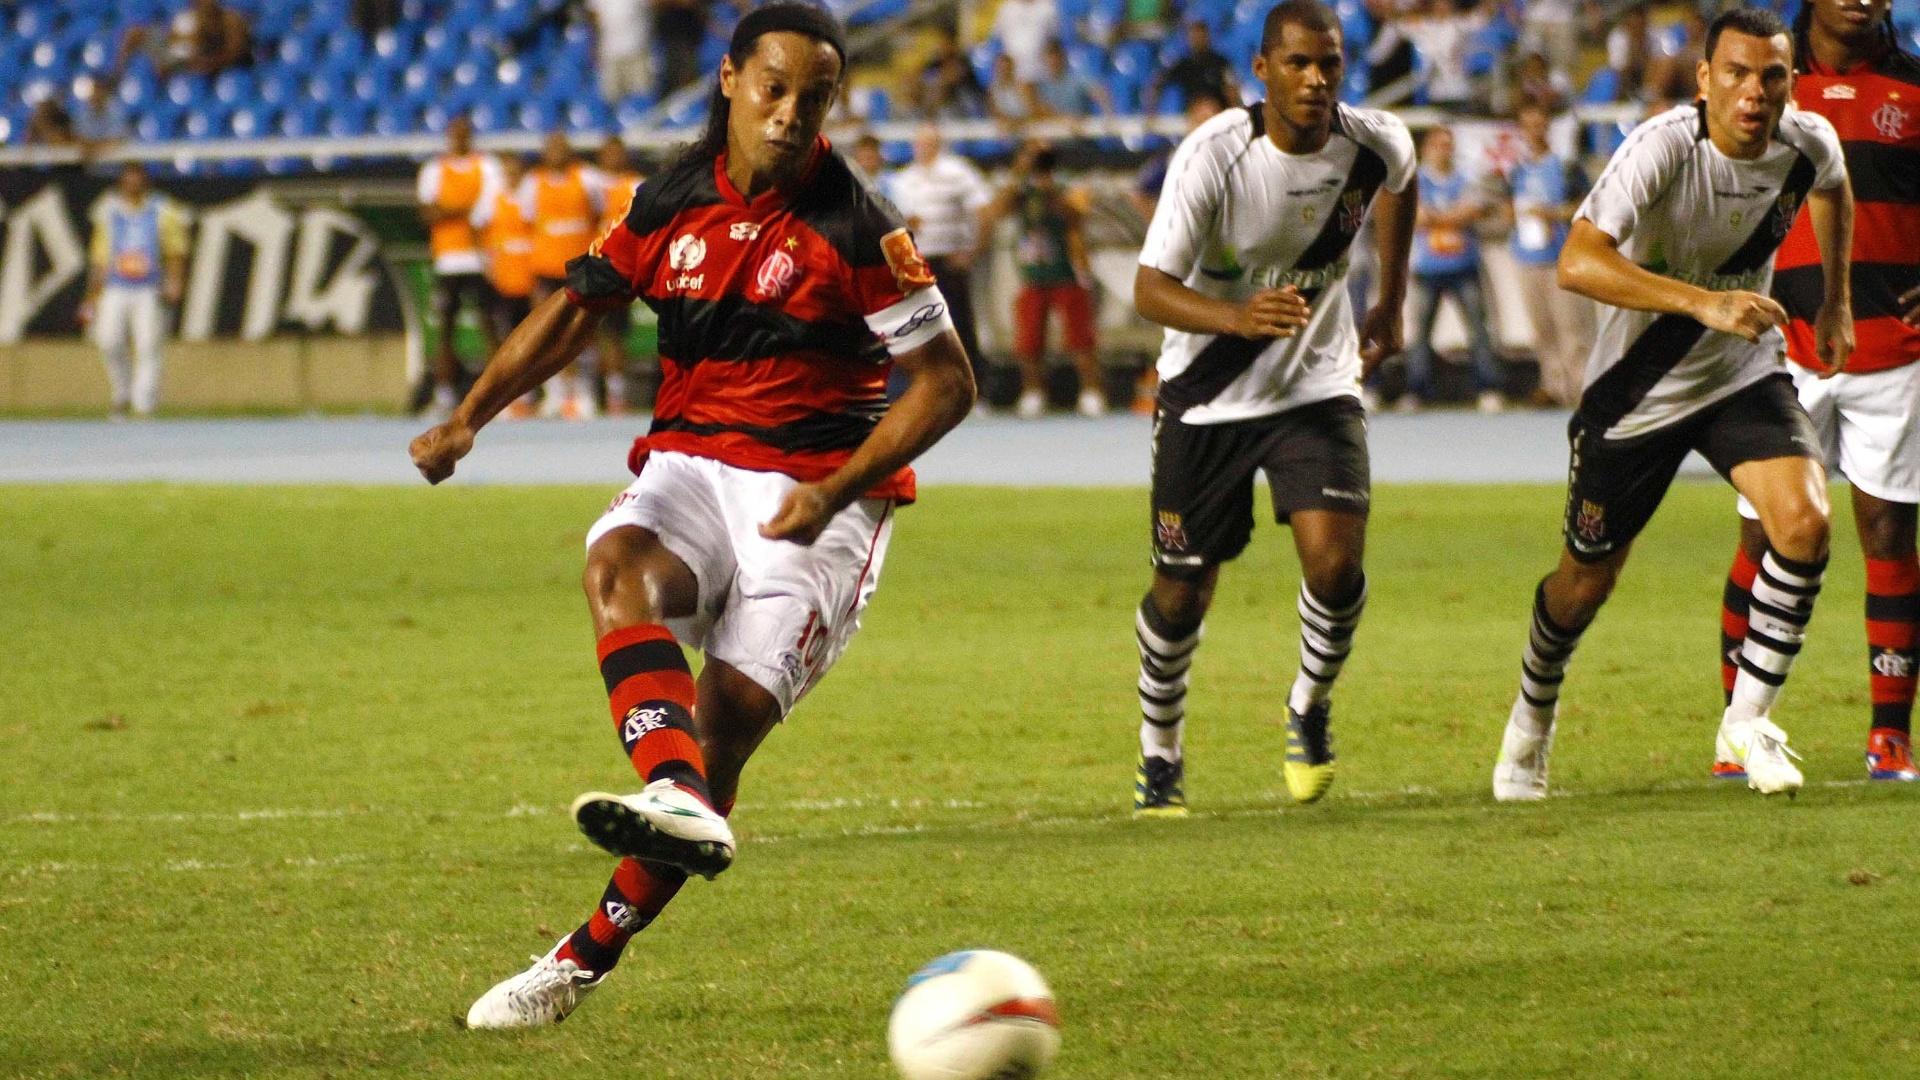 Meia-atacante Ronaldinho Gaúcho bate a penalidade que acabou dando a vitória ao Flamengo no clássico com o Vasco, no estádio do Engenhão